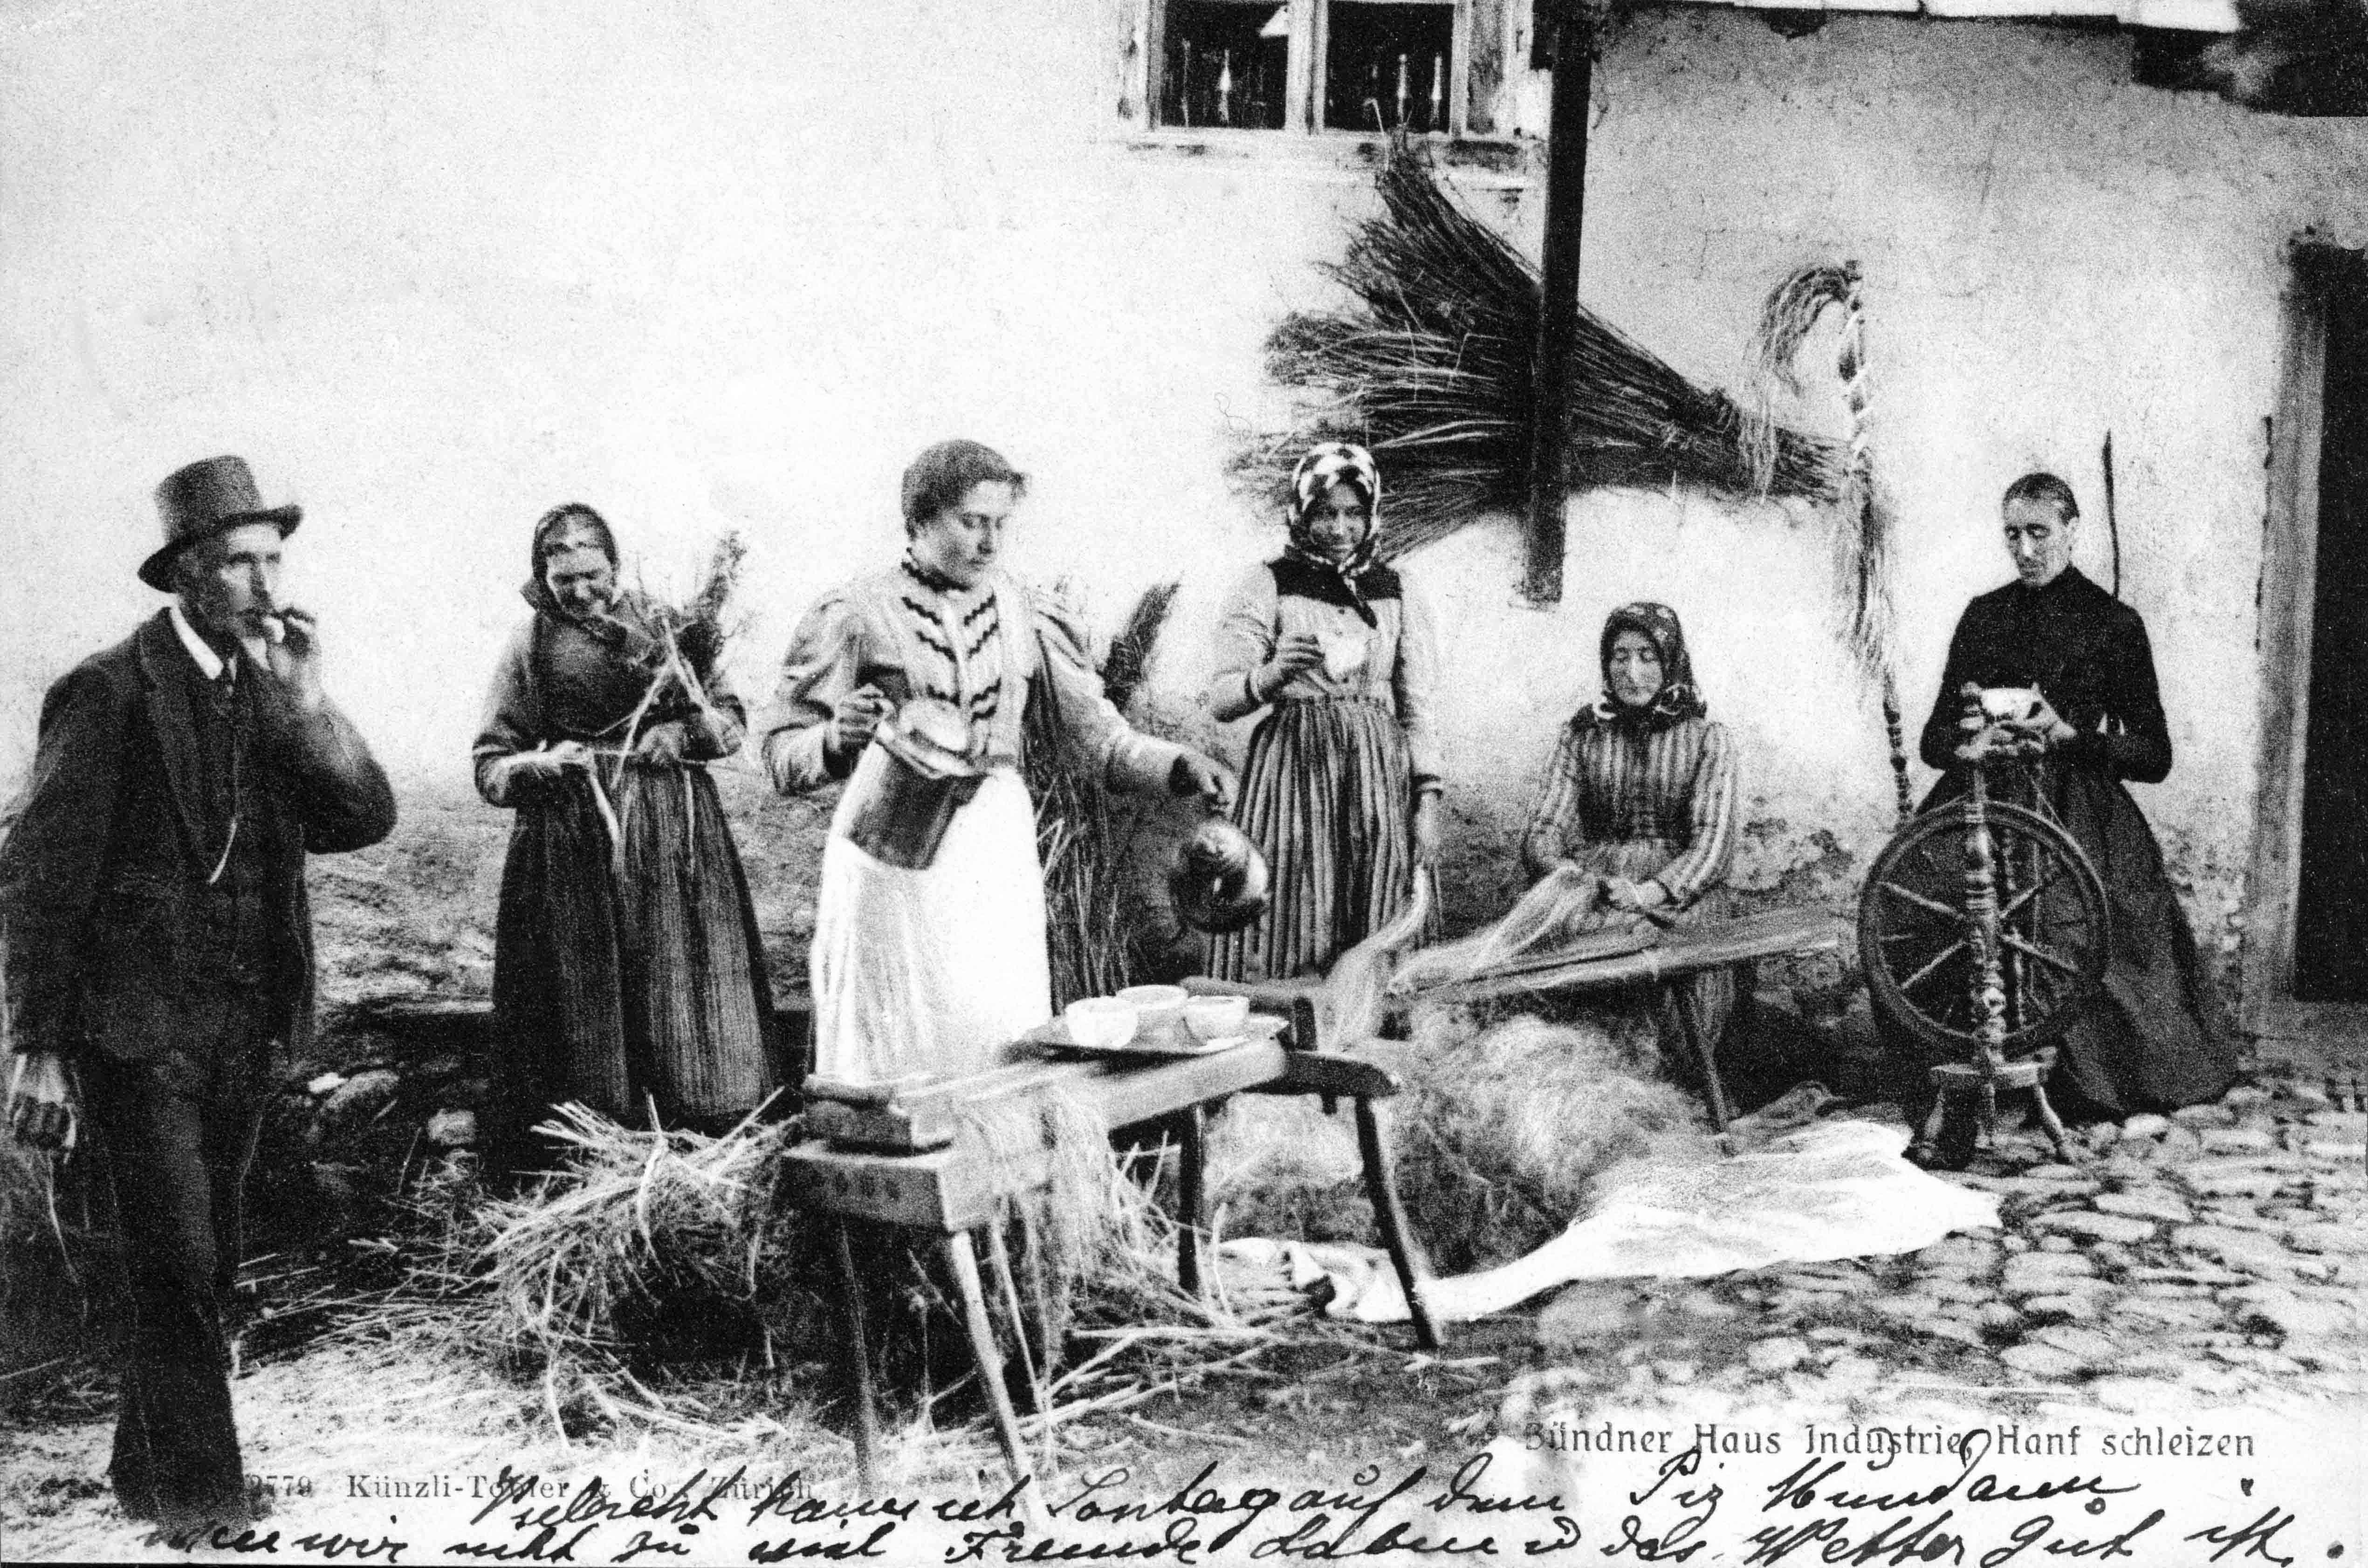 Hanfbauer in Graubünden um 1900